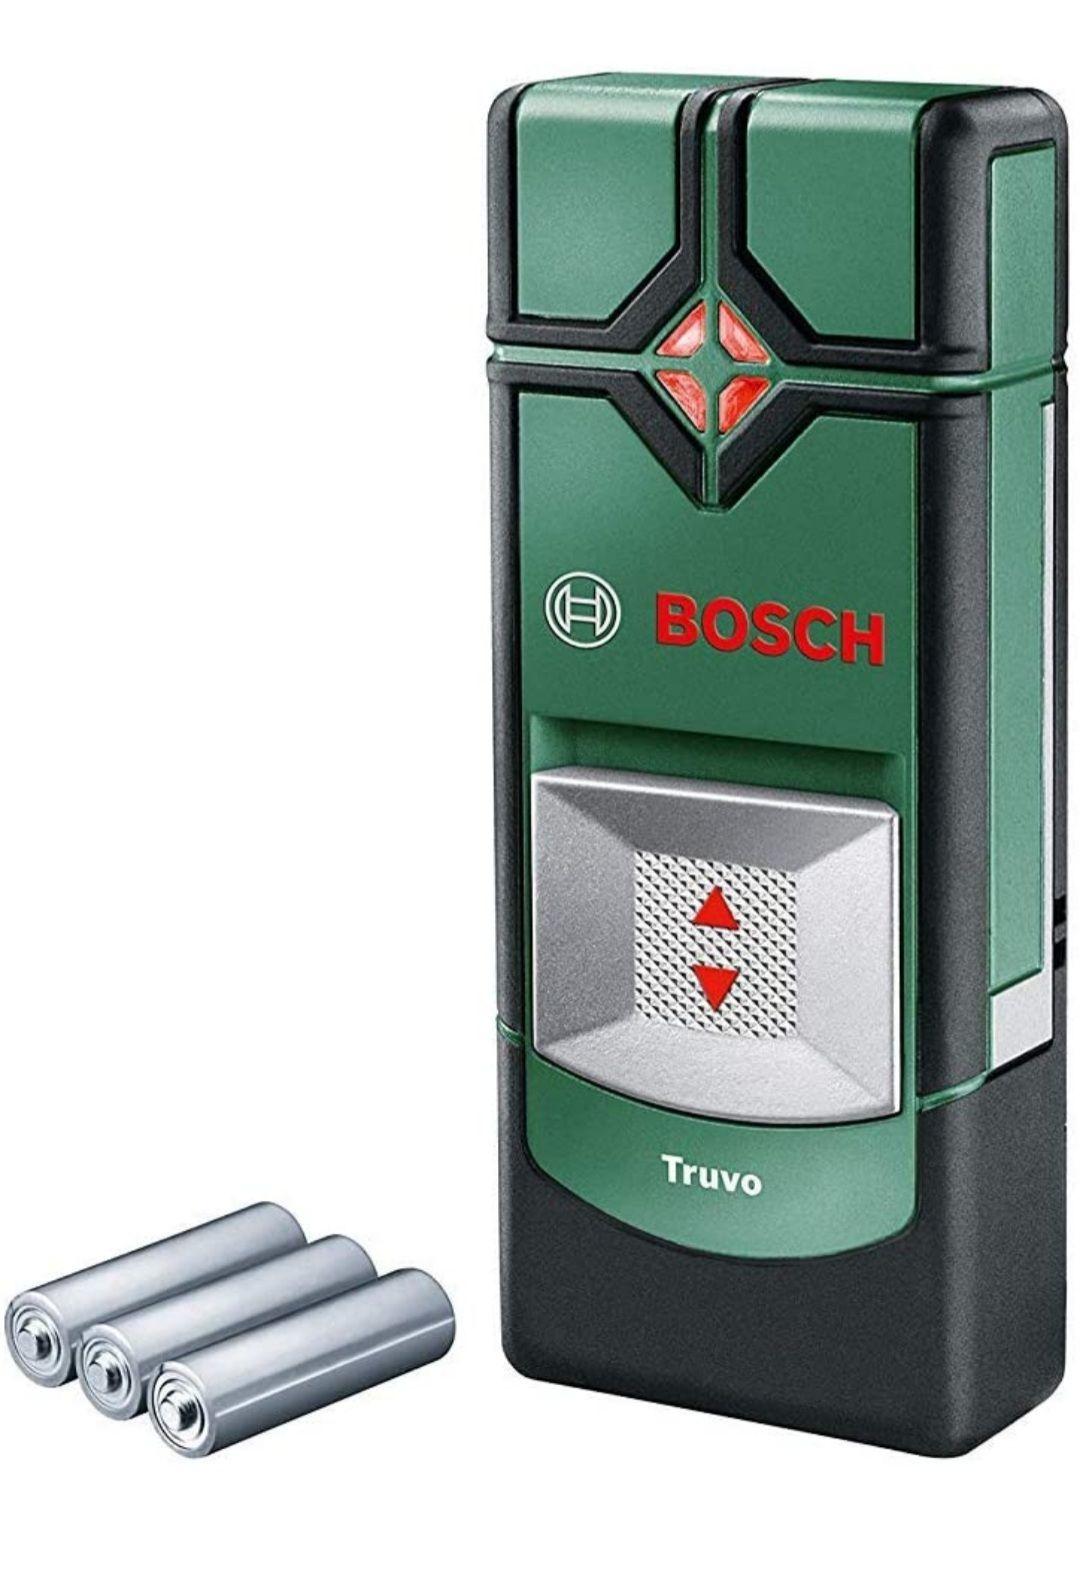 Bosch Ortungsgerät Truvo für Metall & stromführende Leitungen in 70/50 mm Erfassungstiefe